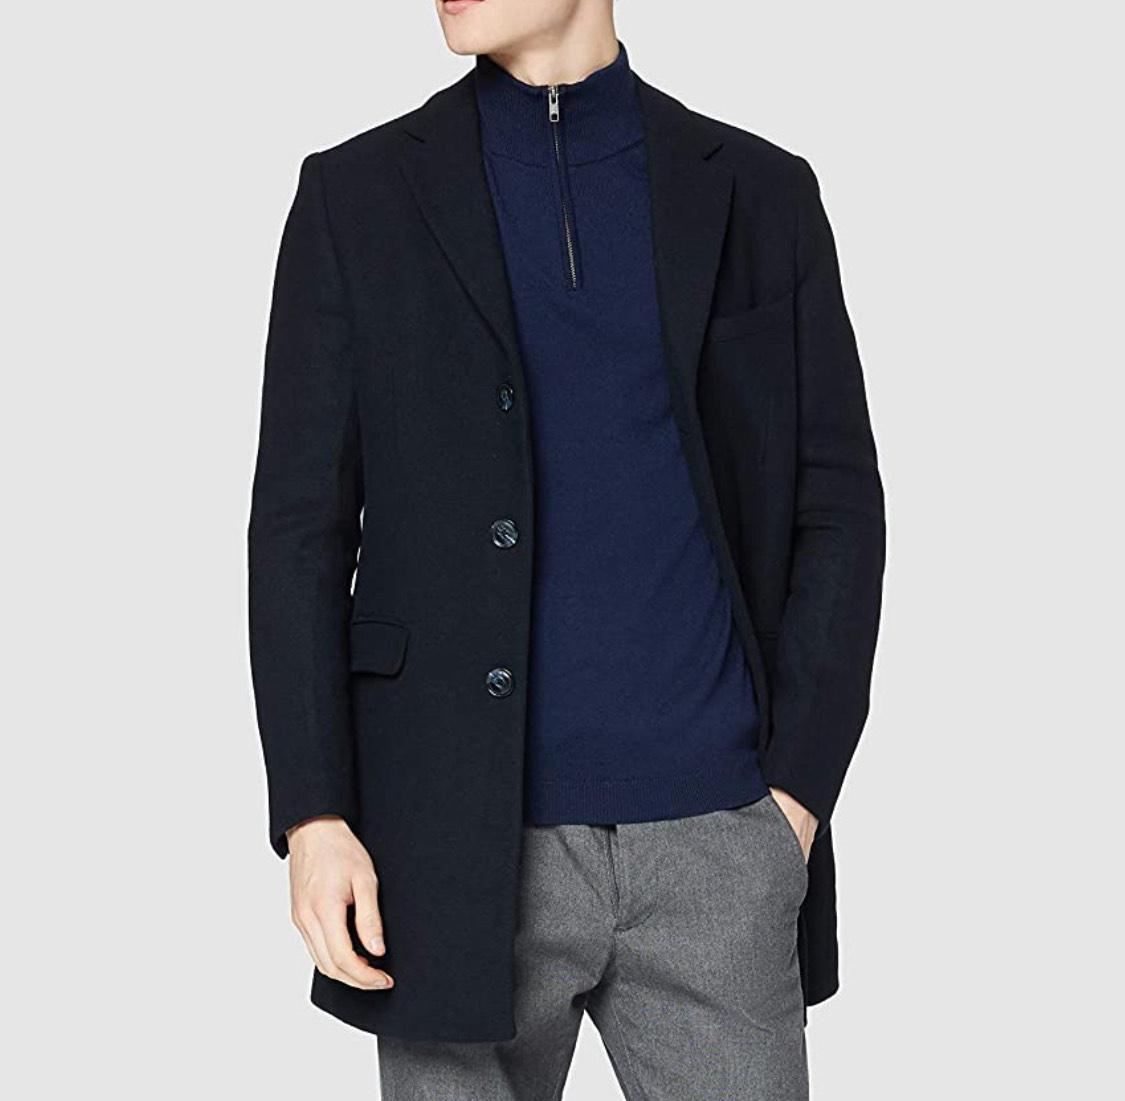 Abrigo azul hombre talla XXL (negro a 22.80€)